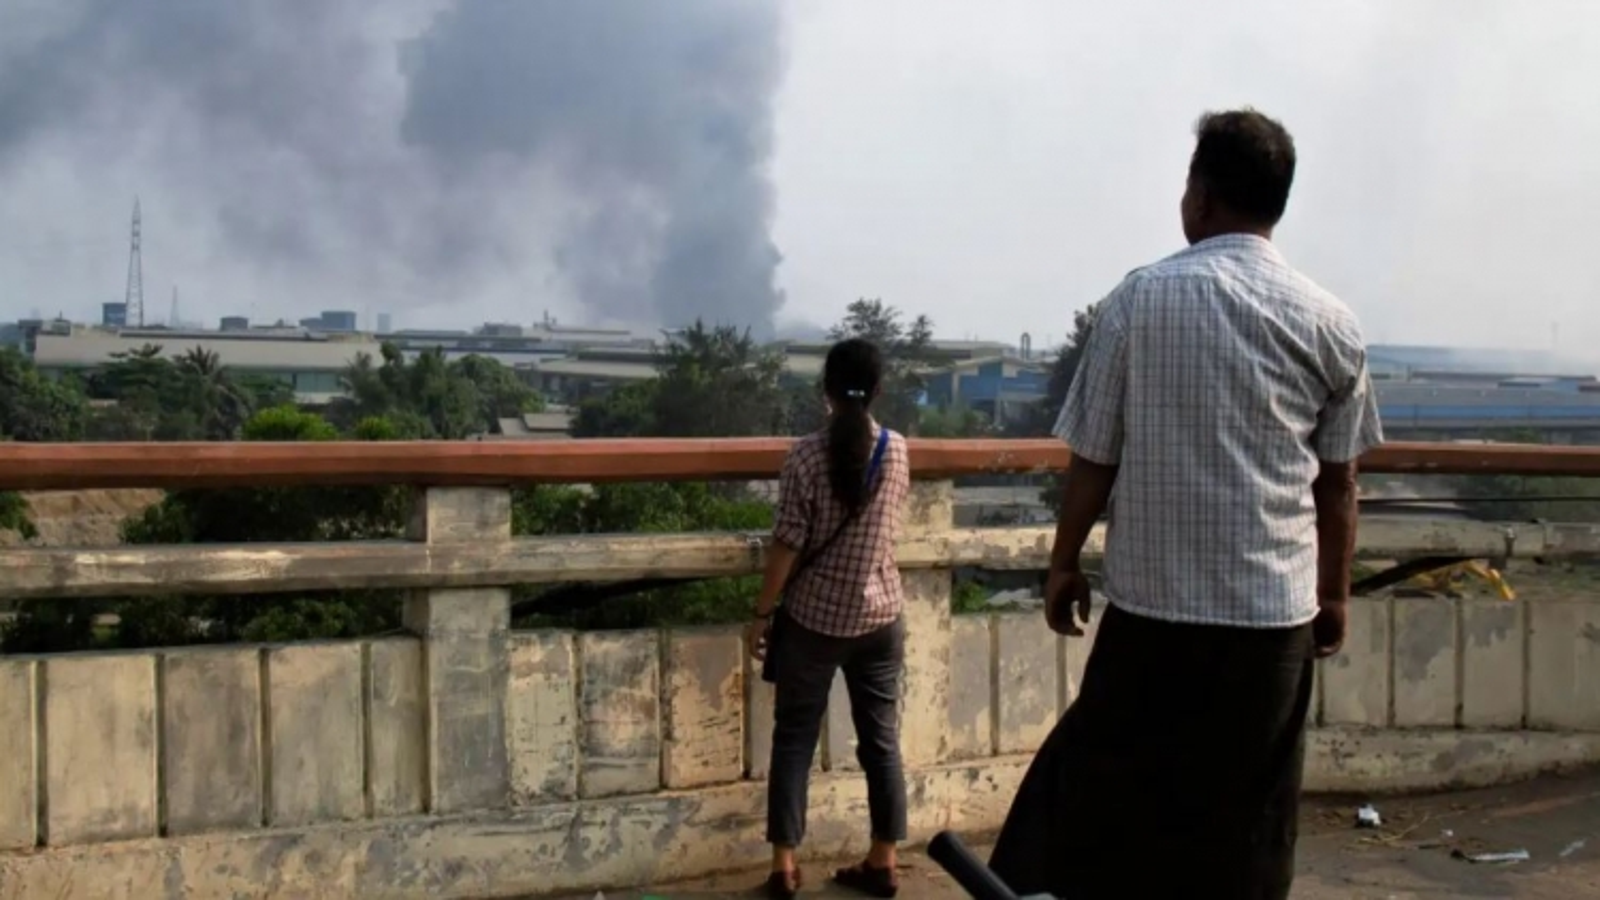 Trung Quốc thiệt hại gần 37 triệu USD trong vụ đốt phá nhà xưởng tại Myanmar